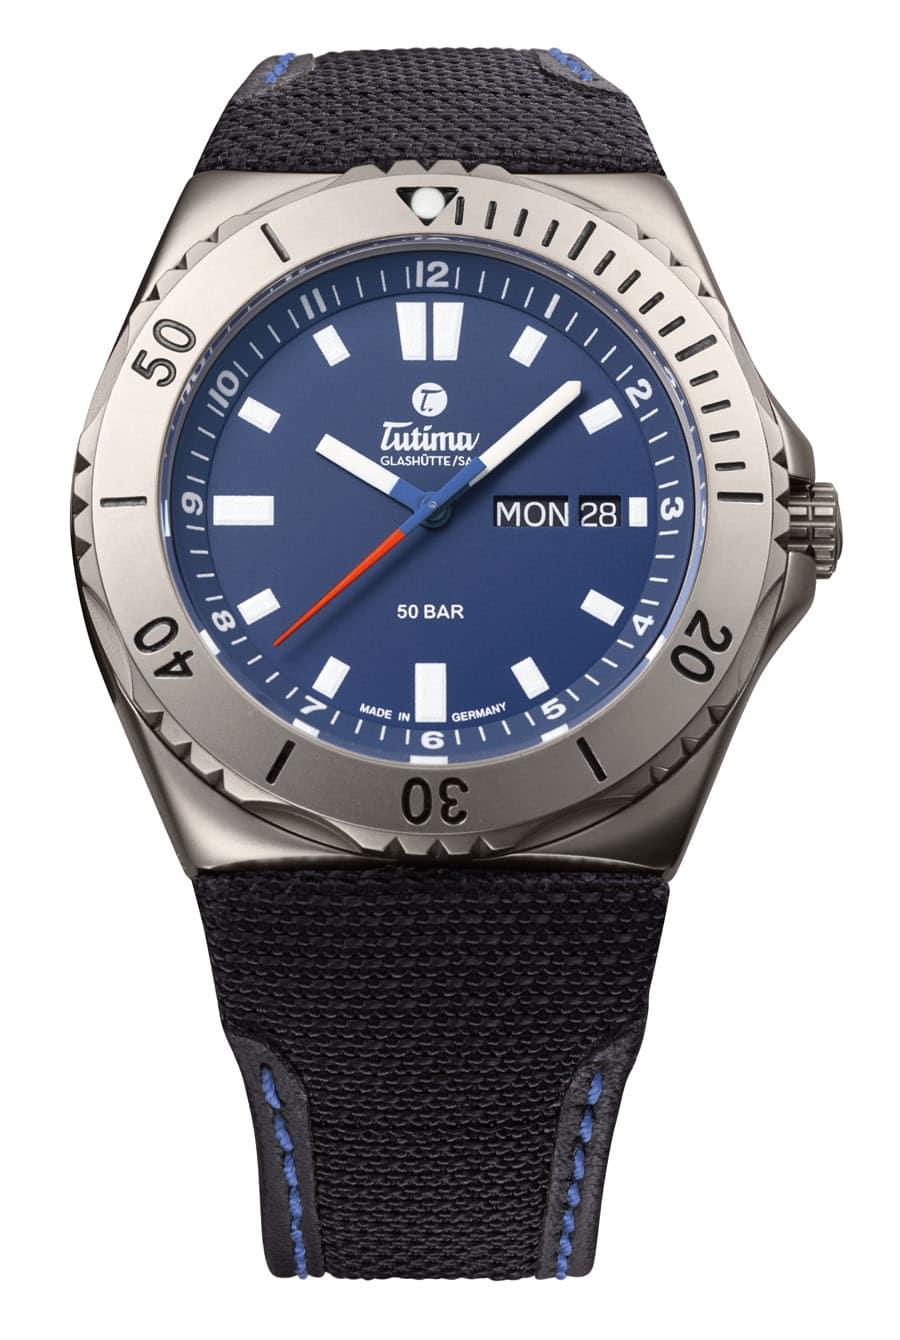 Tutima M2 Seven Seas, Zifferblatt tiefblau, mit Kevlarband